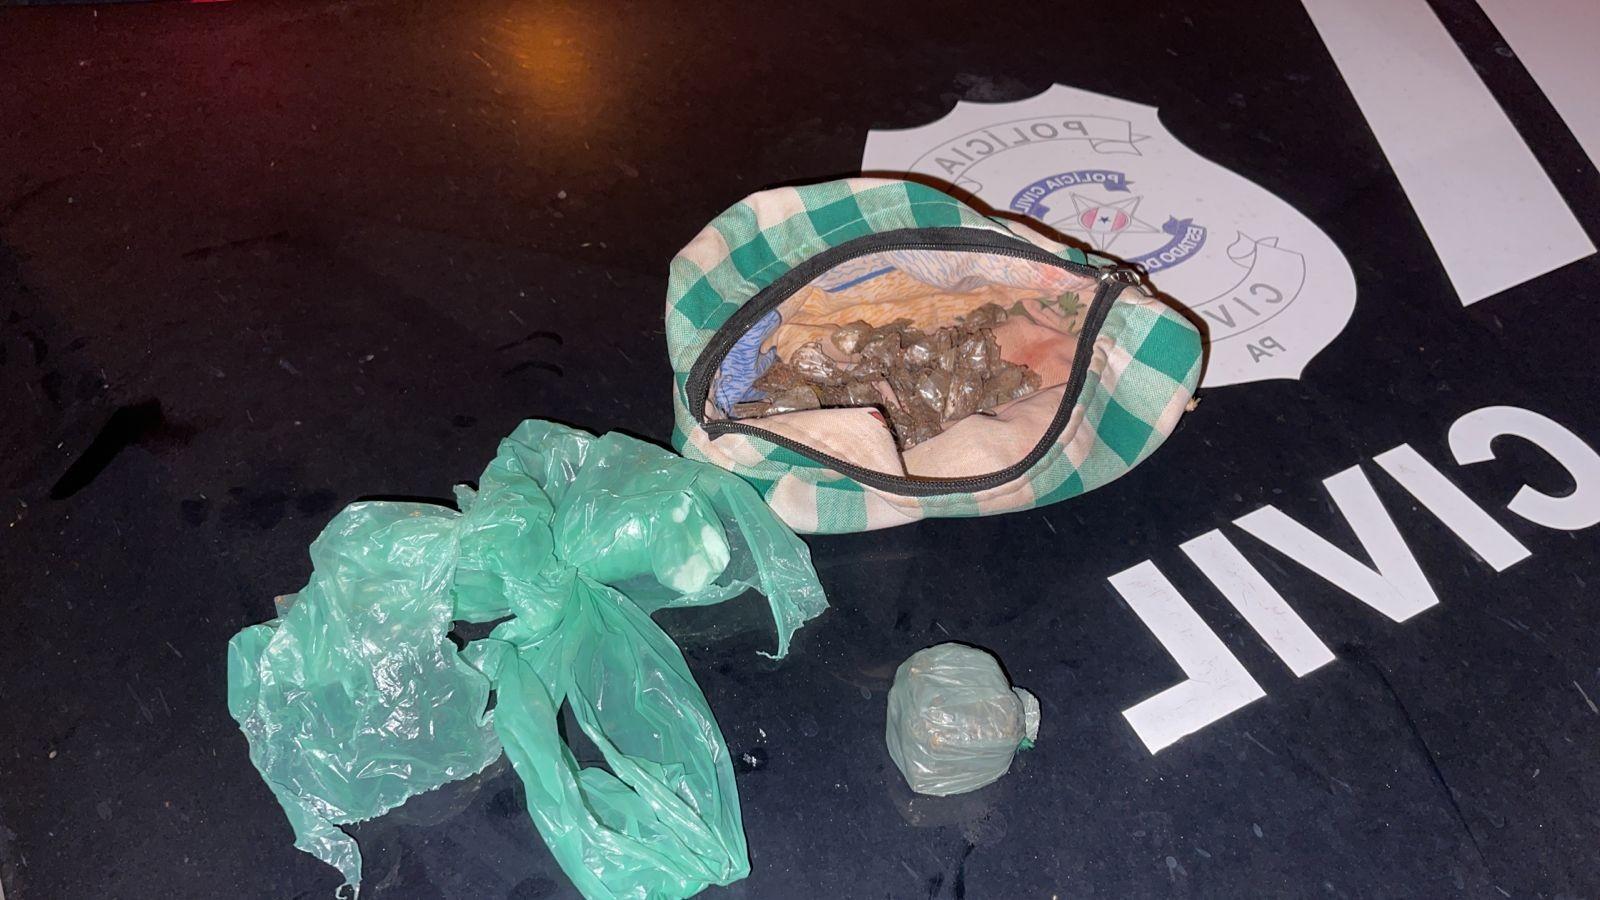 Operação 'Novo Horizonte' apreende drogas que estavam escondidas dentro de fossa em Santarém